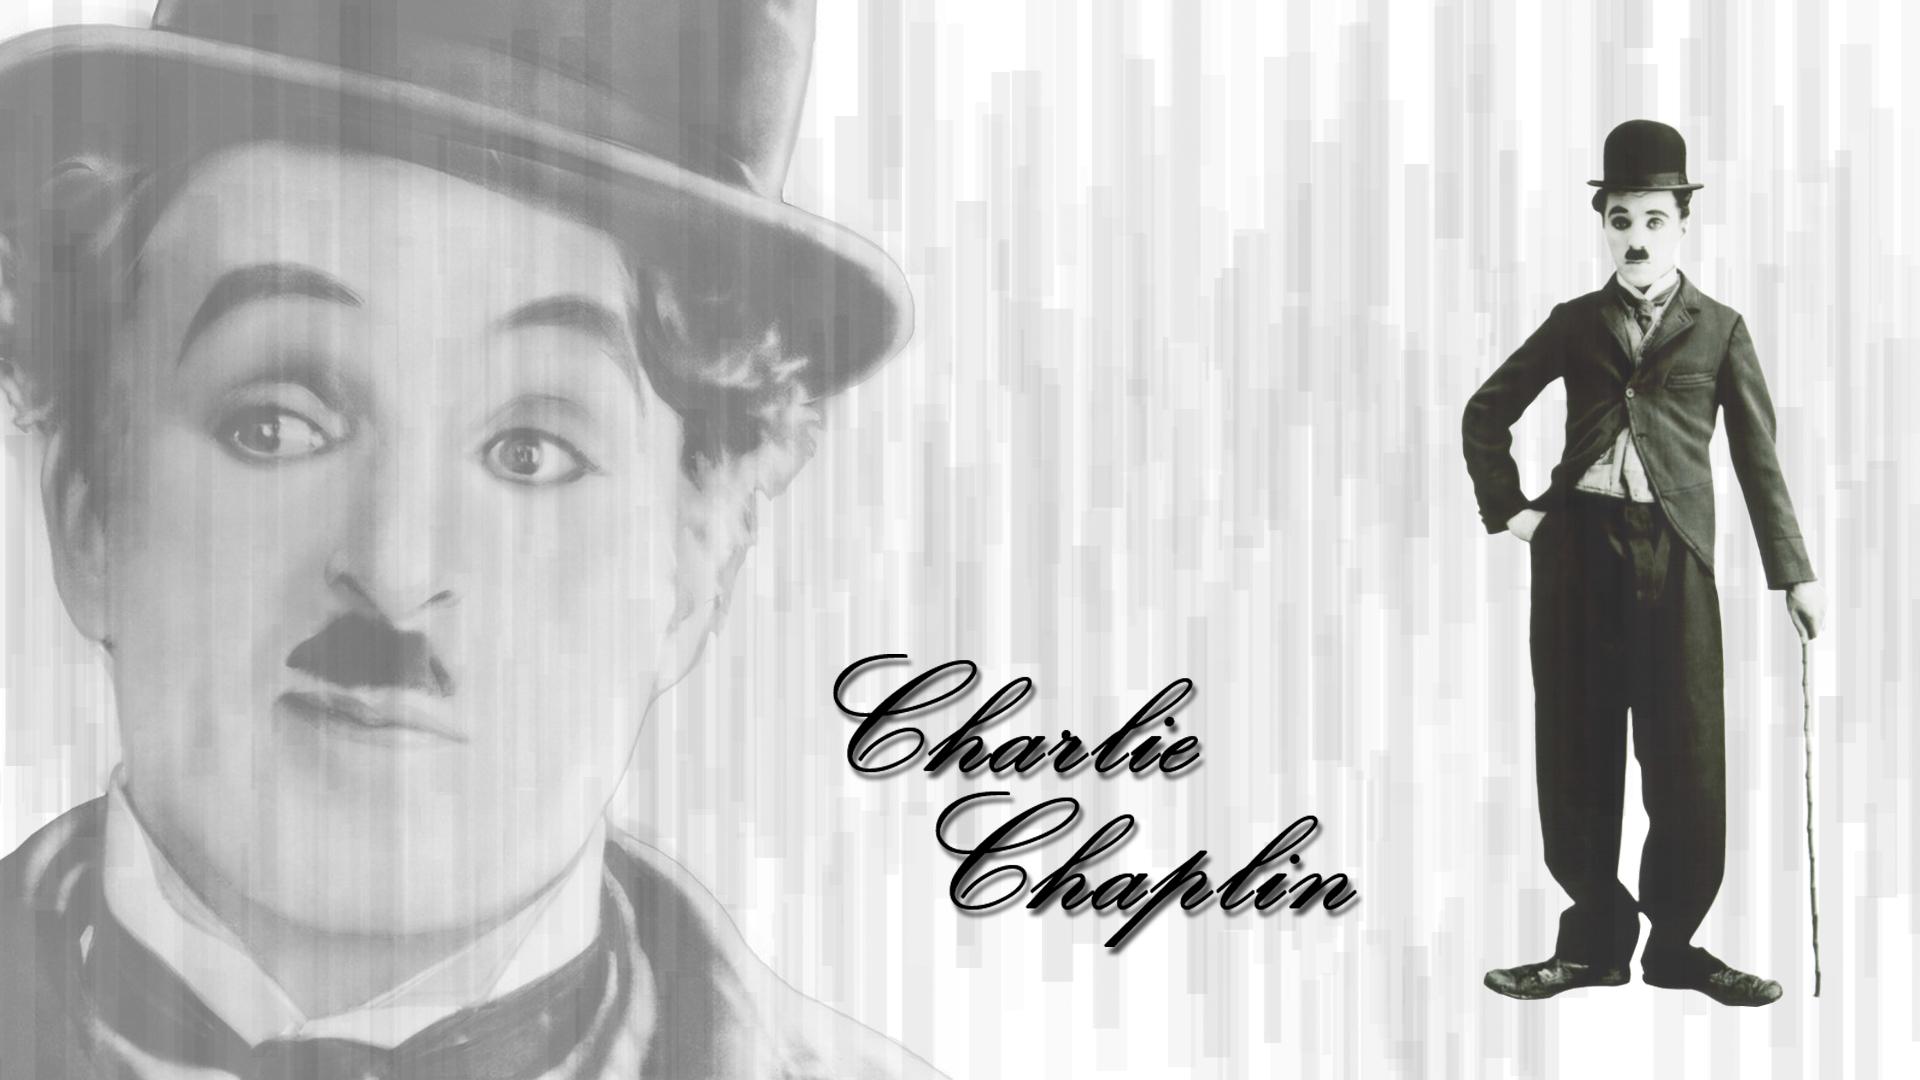 Charlie Chaplin images Charlie Chaplin Wallpaper wallpaper photos 1920x1080